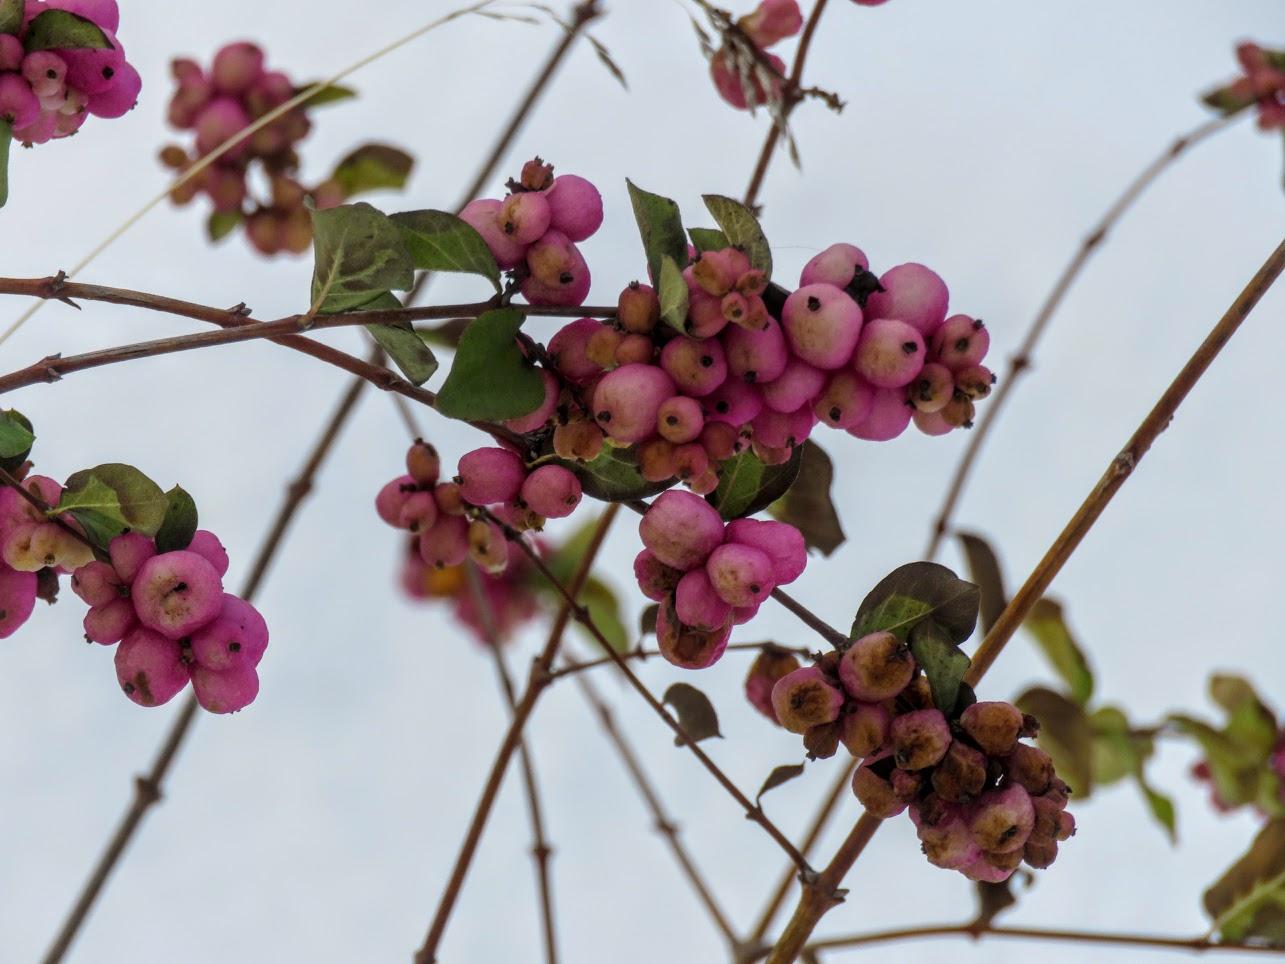 Розовый снежноягодник, снегири и другие прелести дня. Мой Мурыч с утра) IMG 2532